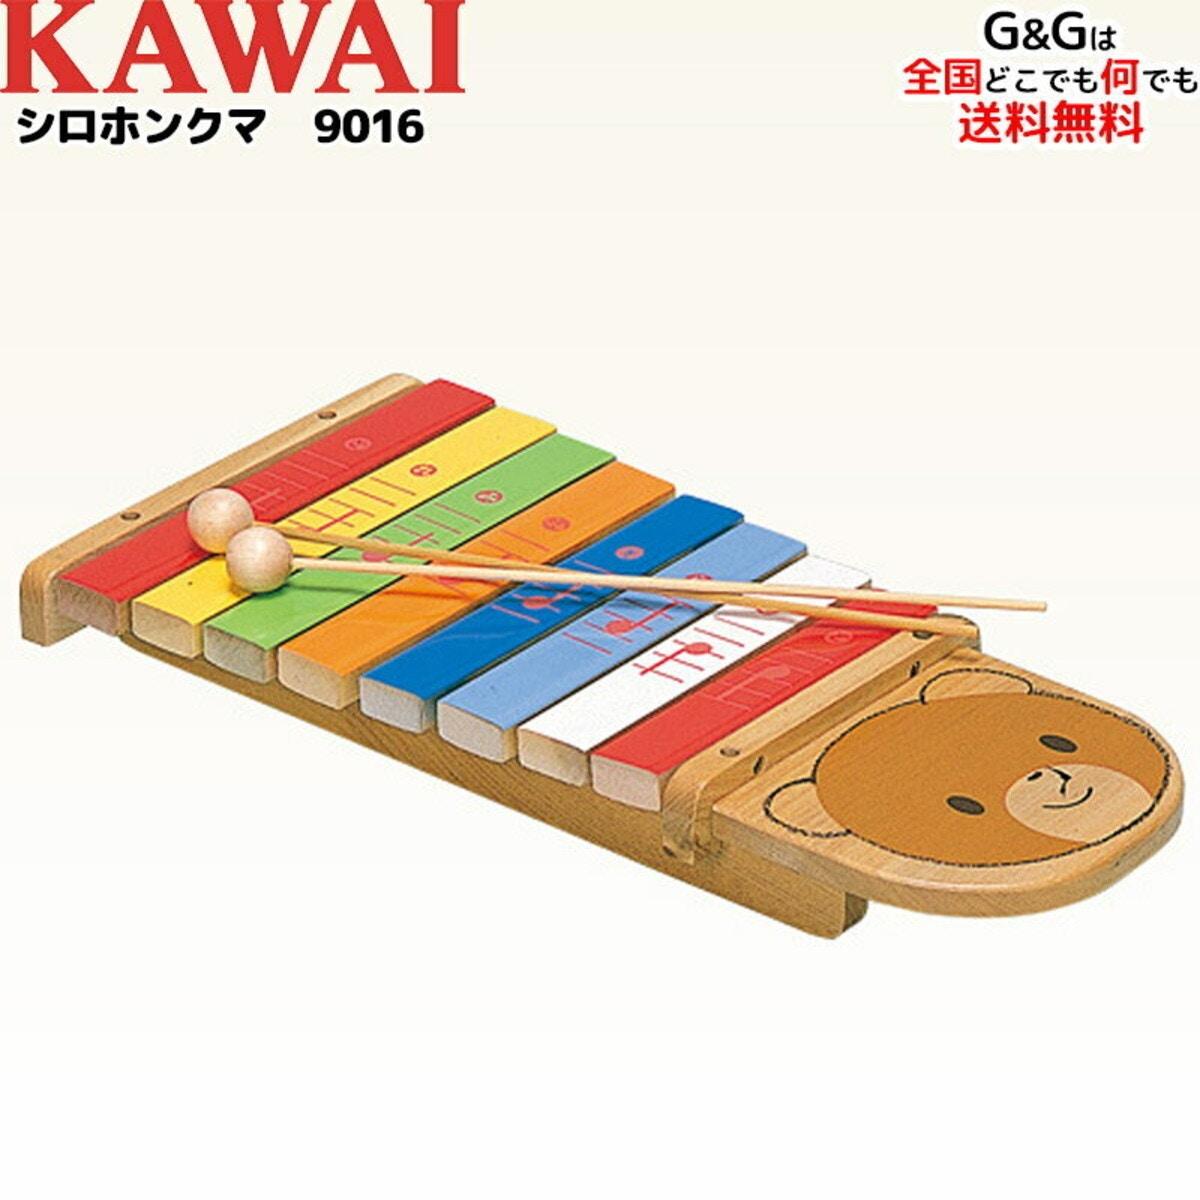 KAWAI  クマさんの木琴